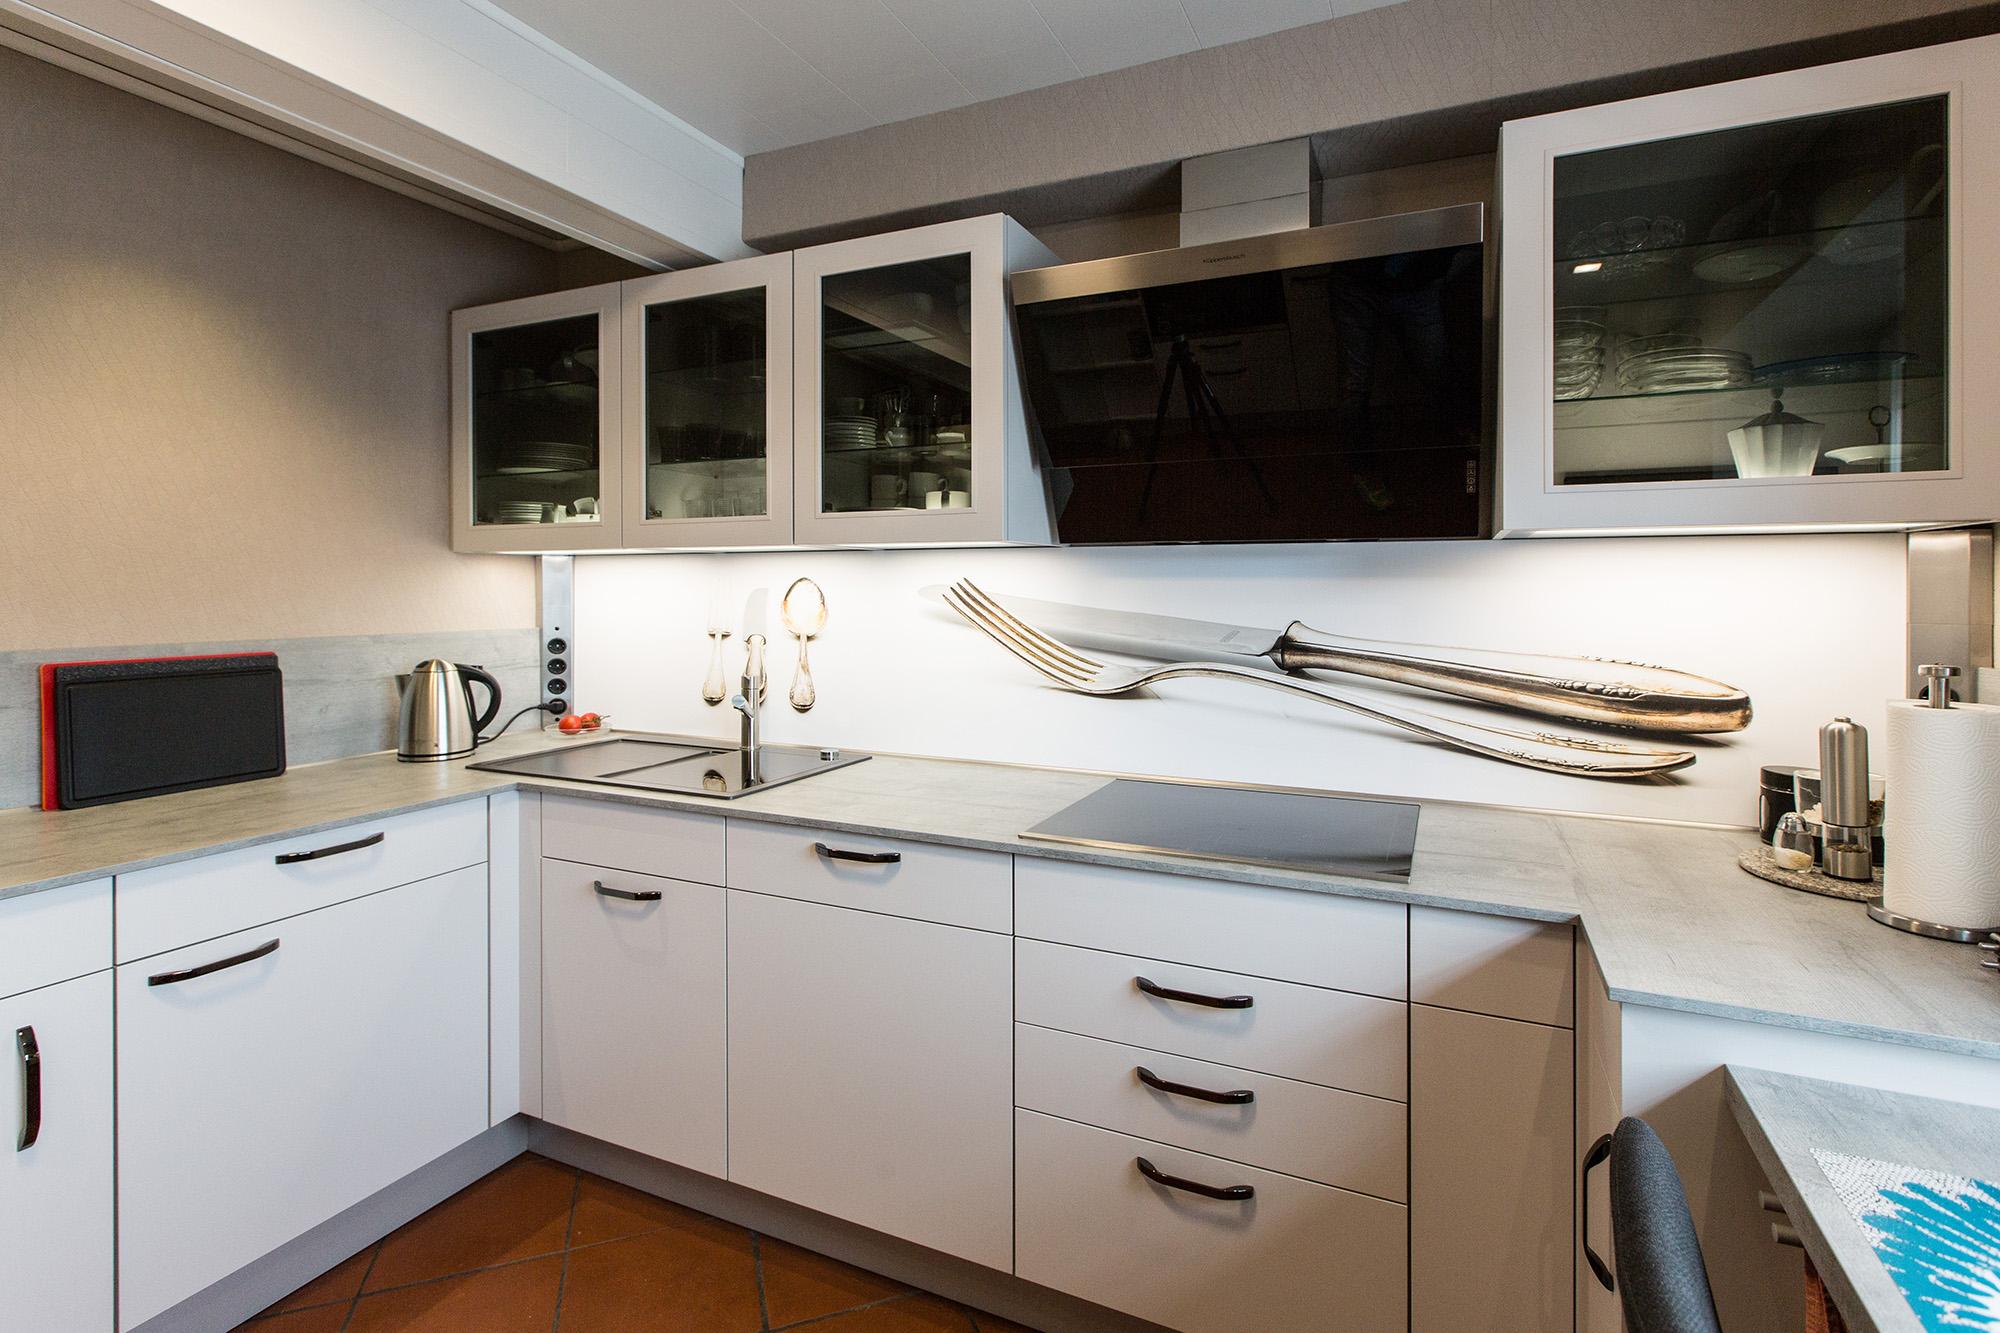 Küche von Nobilia in mattem Seidengrau - Das Einbauküchen Team